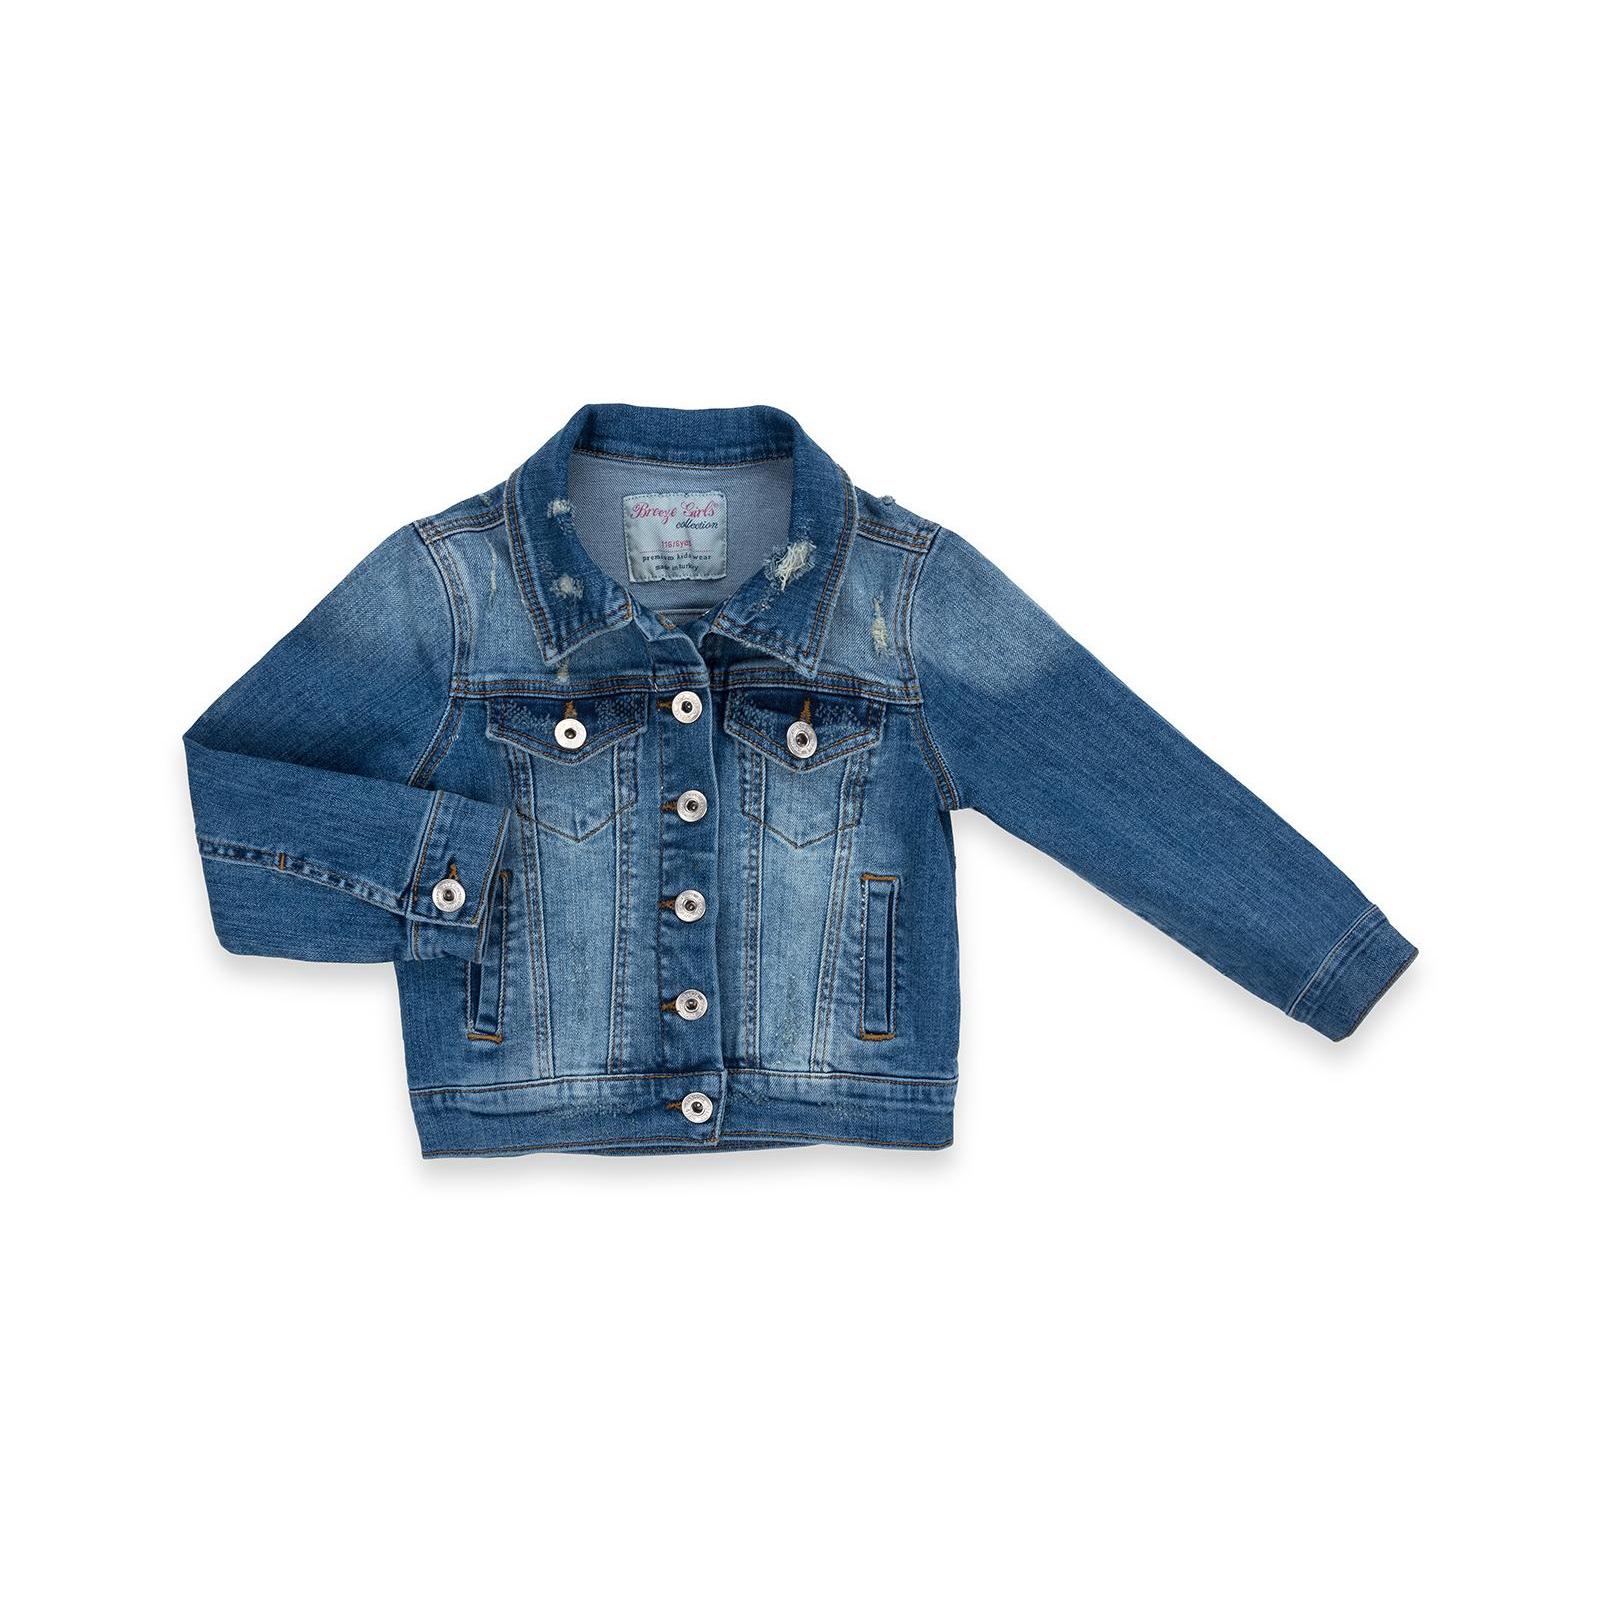 Куртка Breeze джинсовая укороченная (OZ-18801-134G-blue)